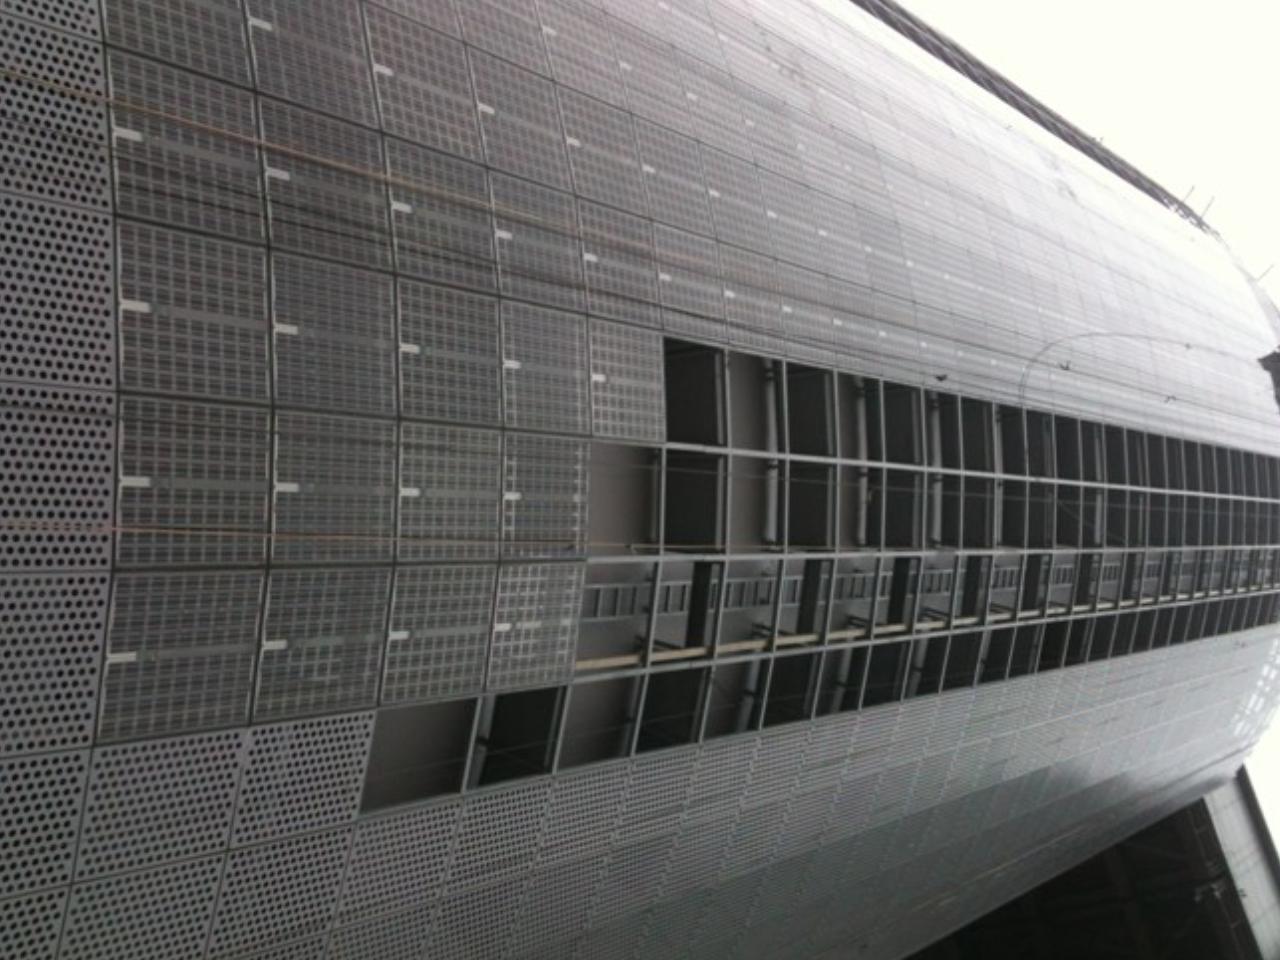 松江区原装进口光伏幕墙系统排名靠前 客户至上「上海后羿新能源供应」